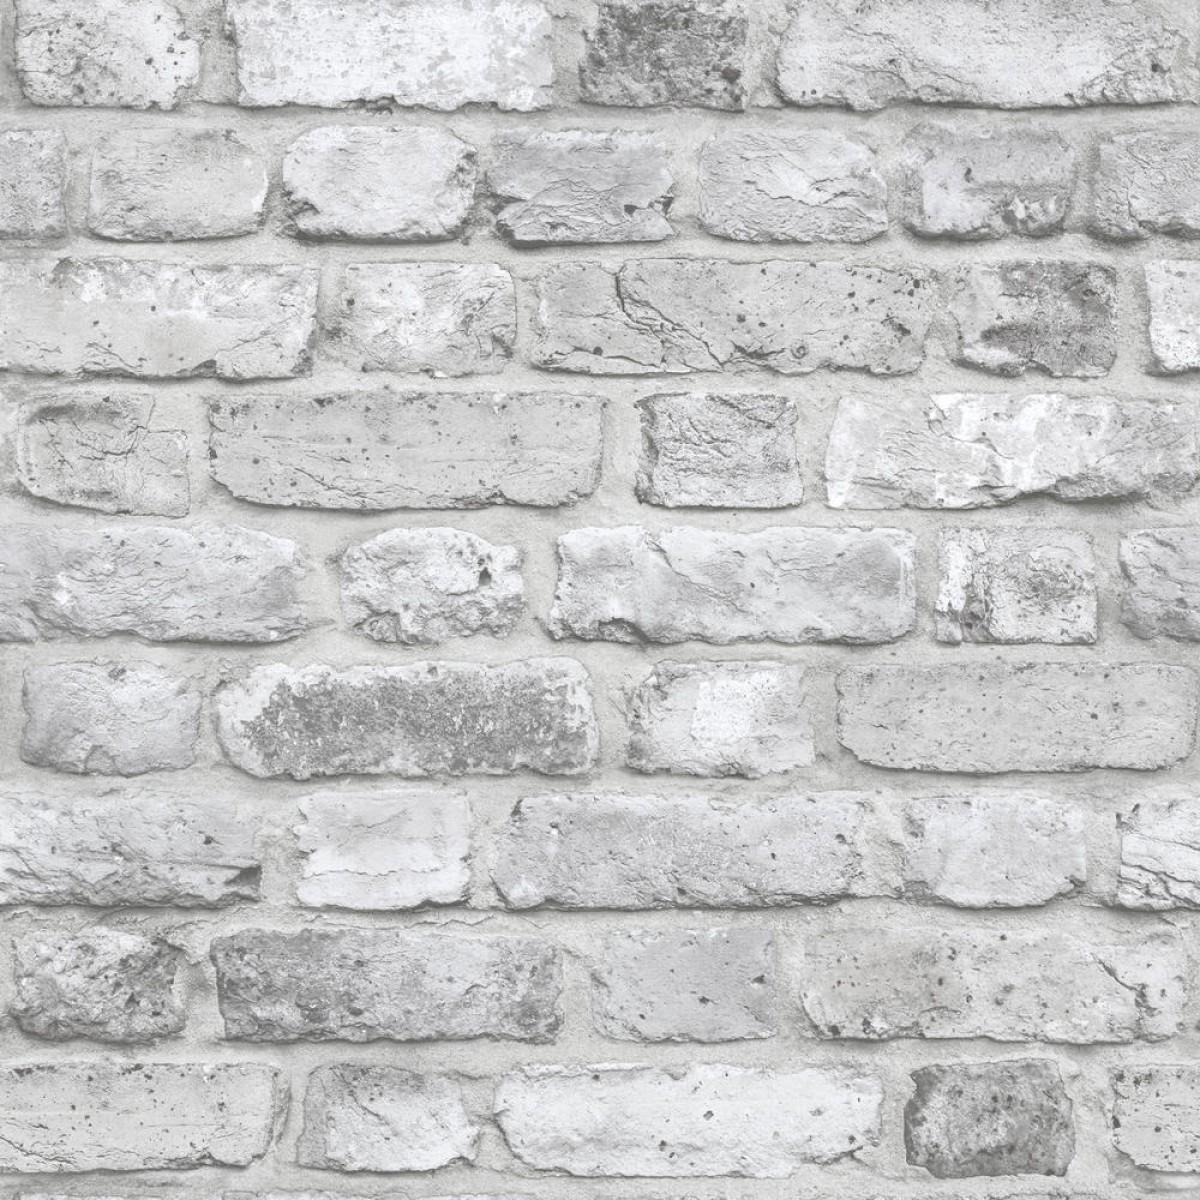 tapet mursten Tapet Façade Grå mursten tapet mursten